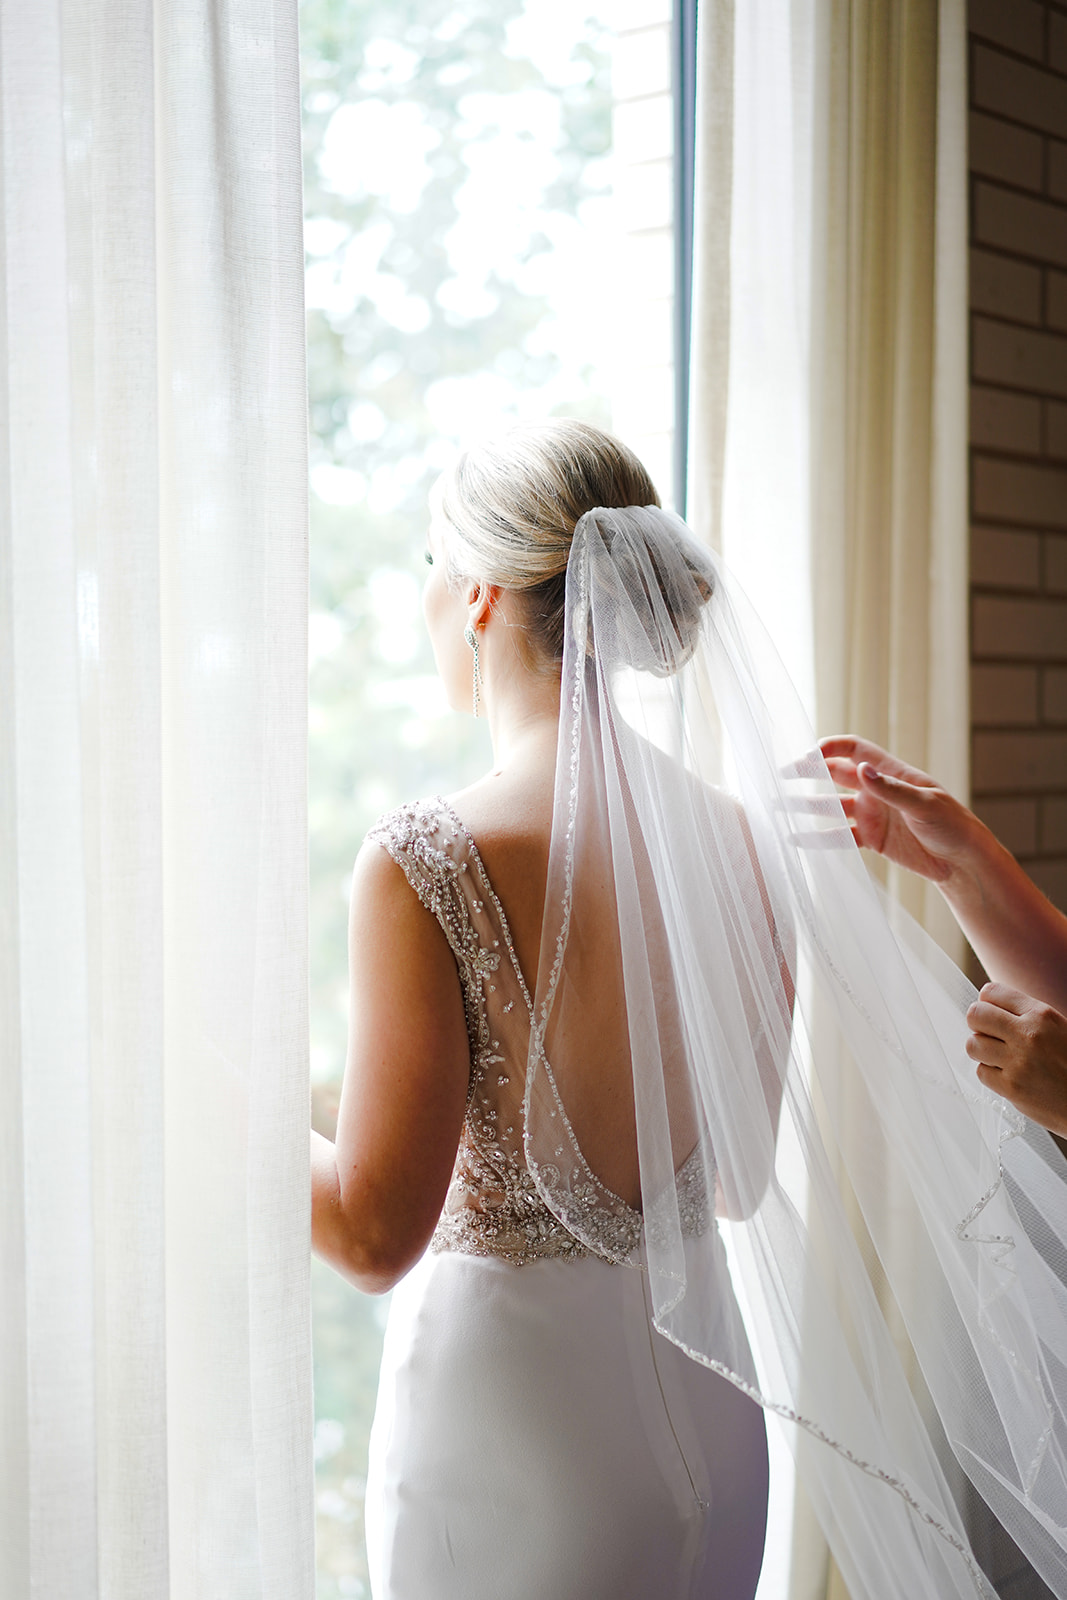 South Congress Hotel Wedding. South Congress Hotel Wedding Photographer. Austin Wedding Photographer.